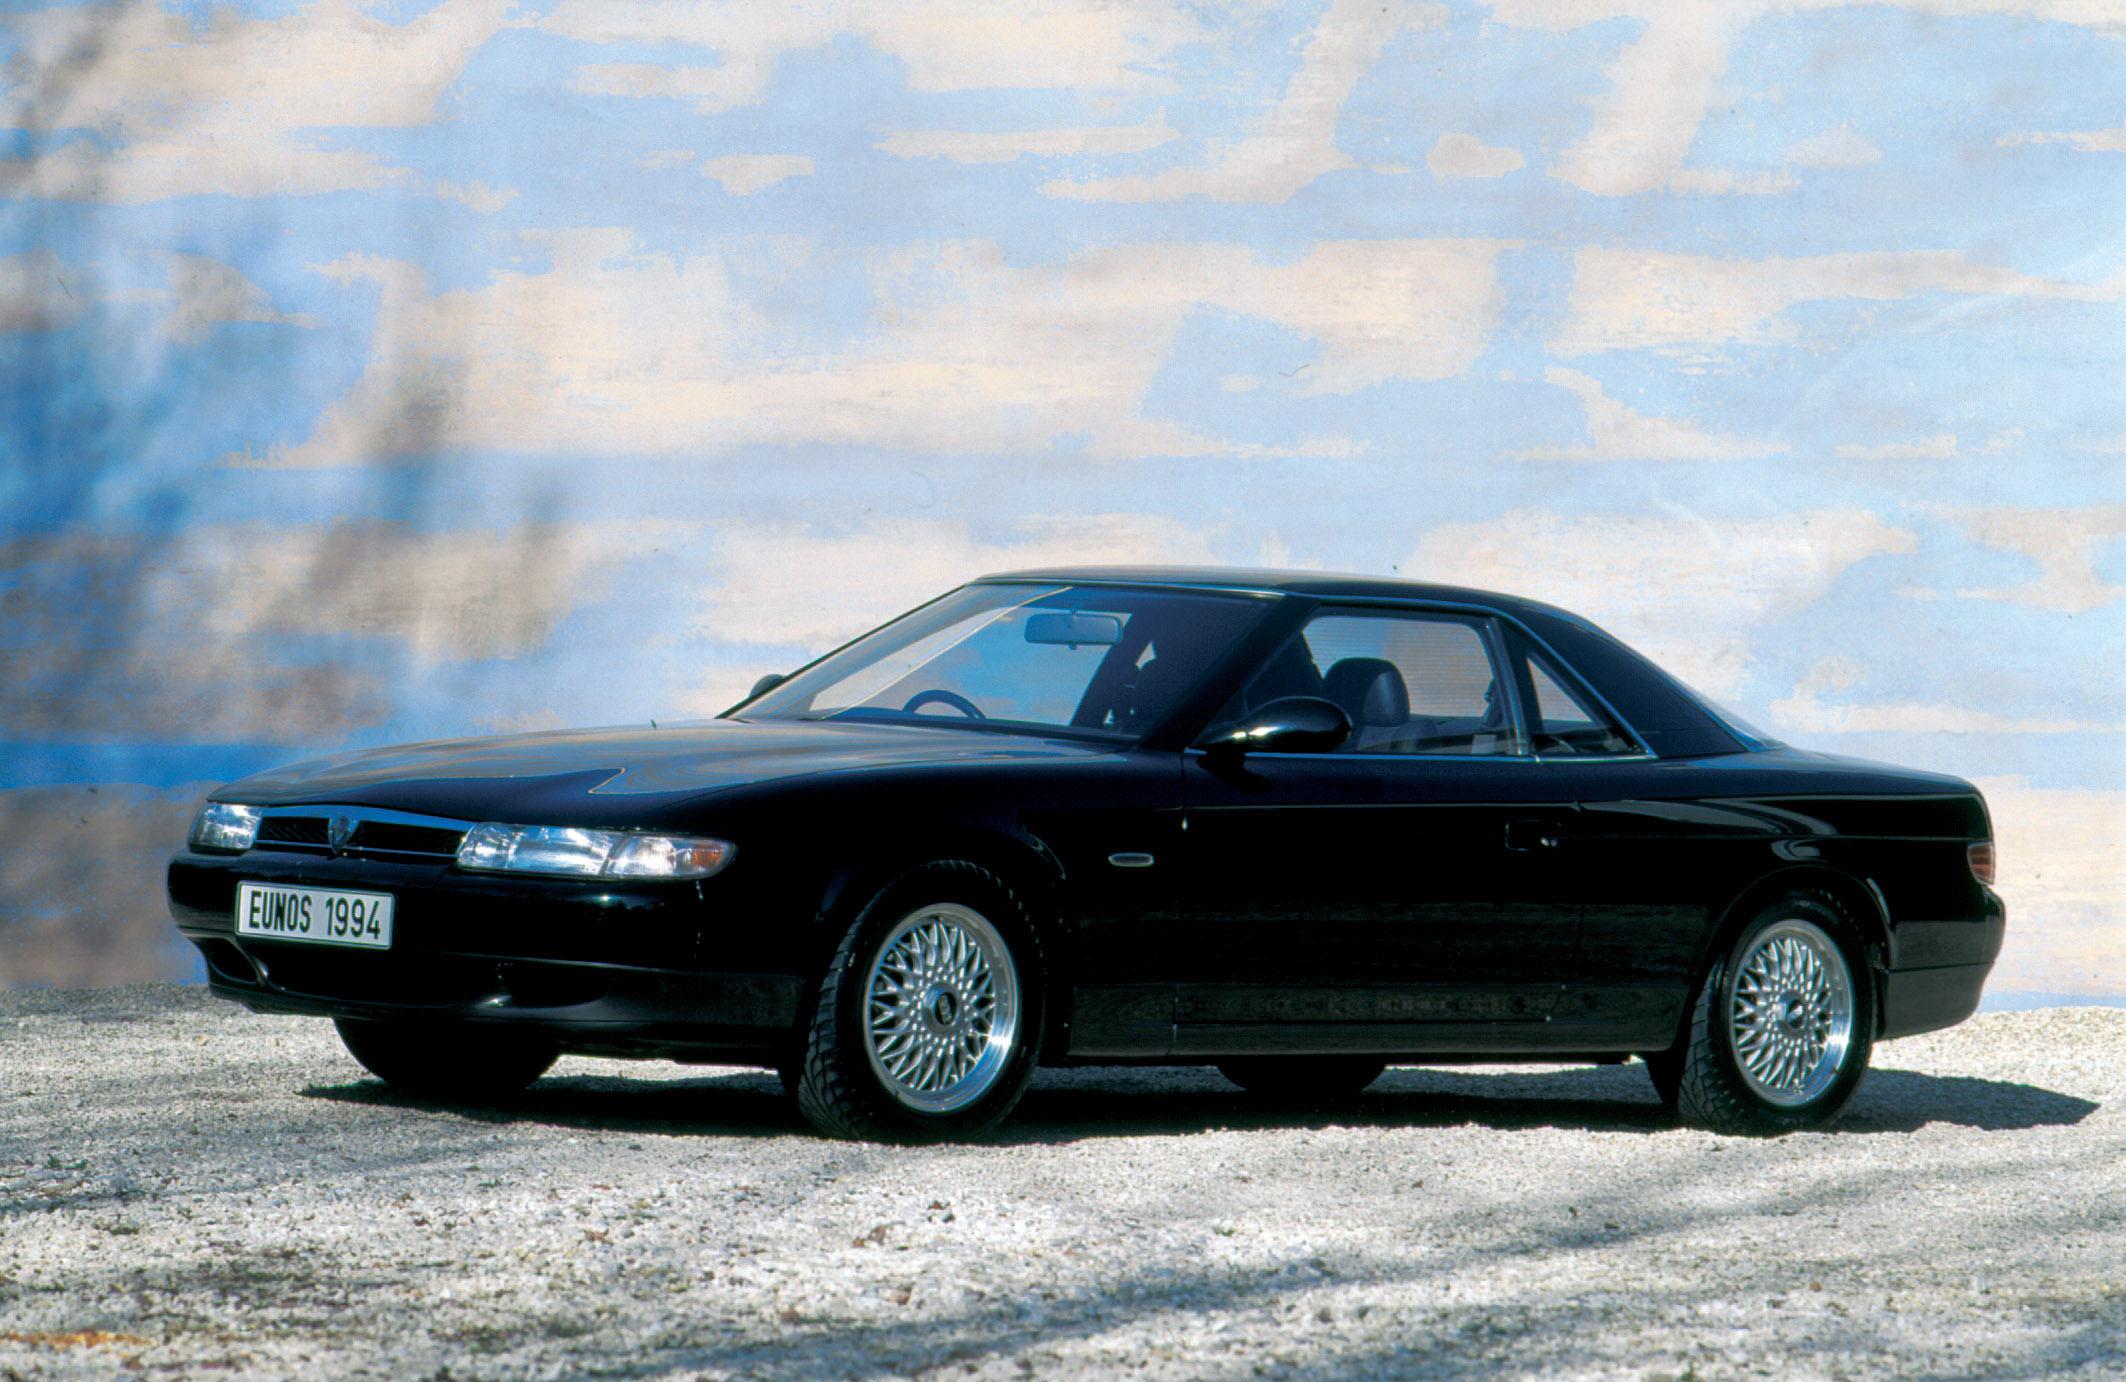 Mazda Eunos Cosmo 1994